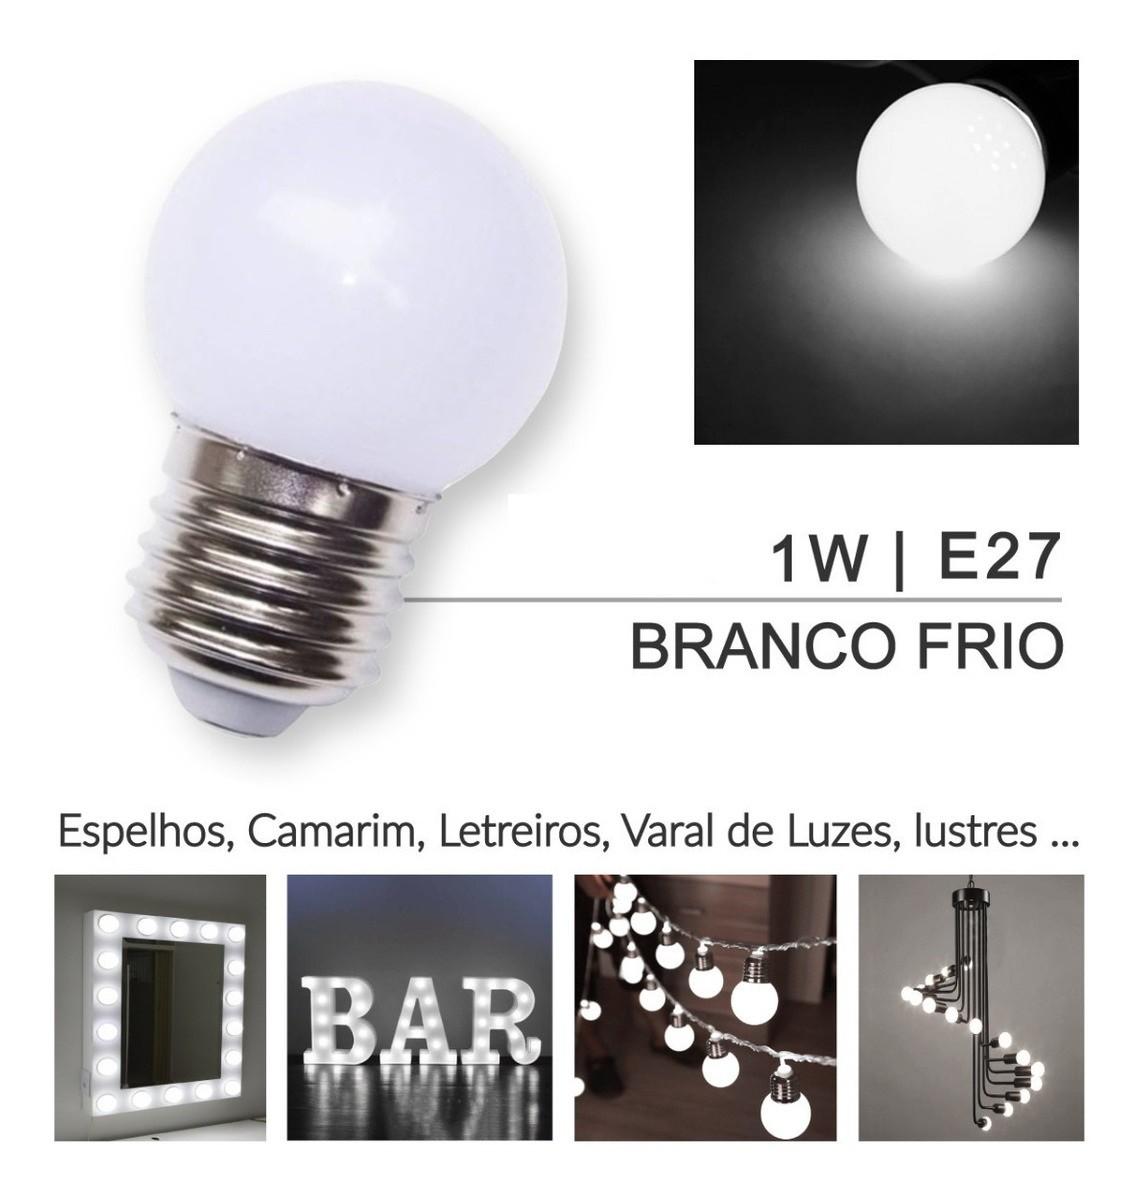 Lâmpada Bolinha Led 1w Branco Frio 220V